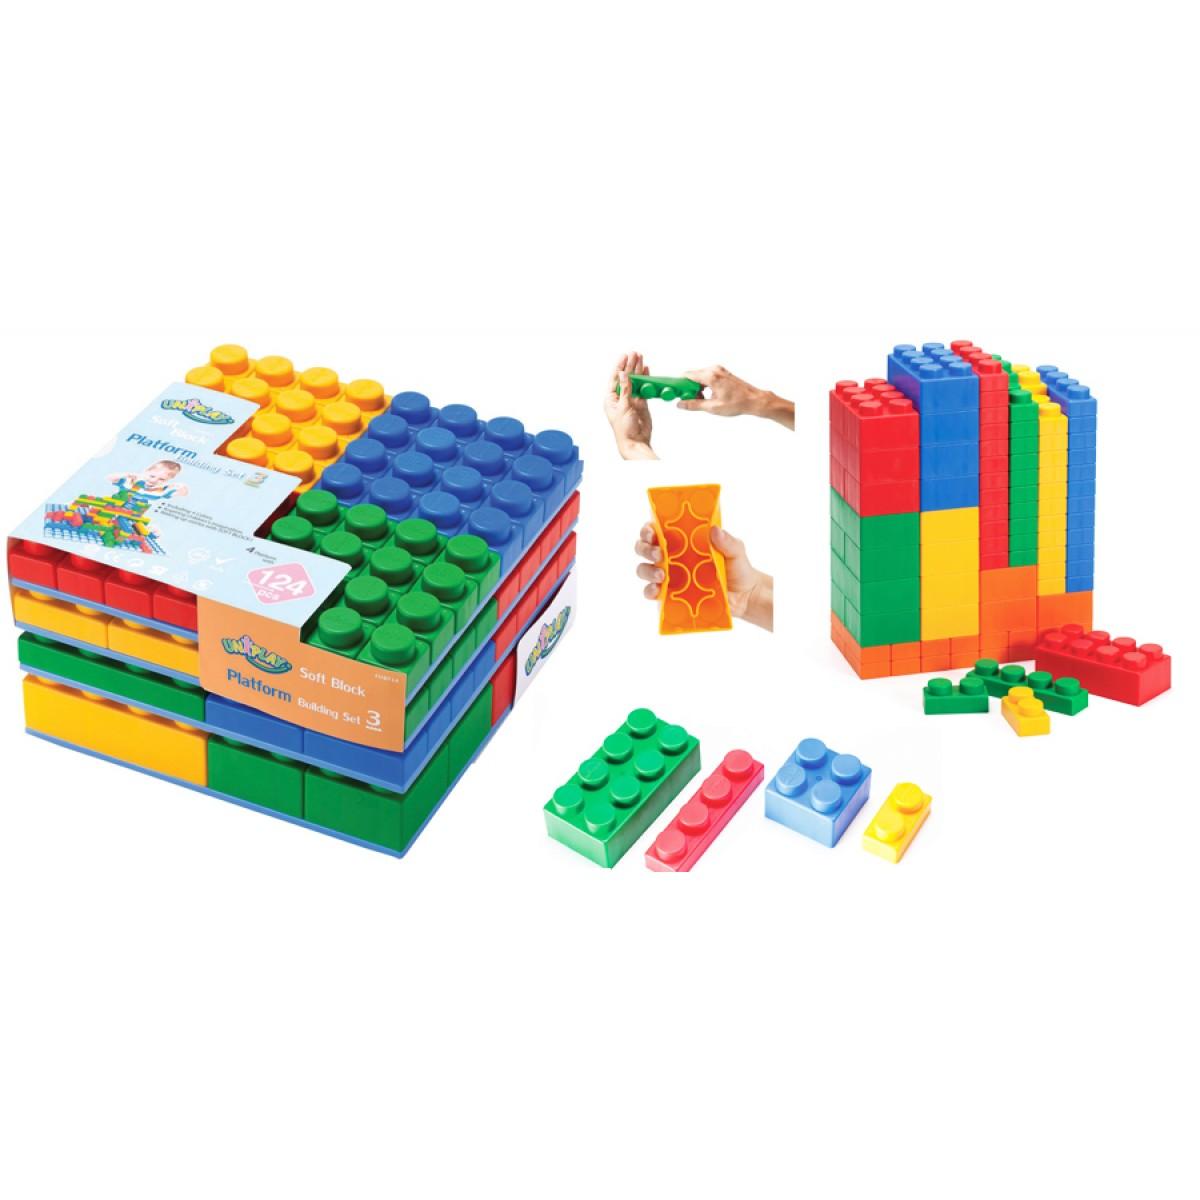 طقم مكعبات مع قواعد،عدد 124 مكعب باحجام مختلفة +4 قواعد